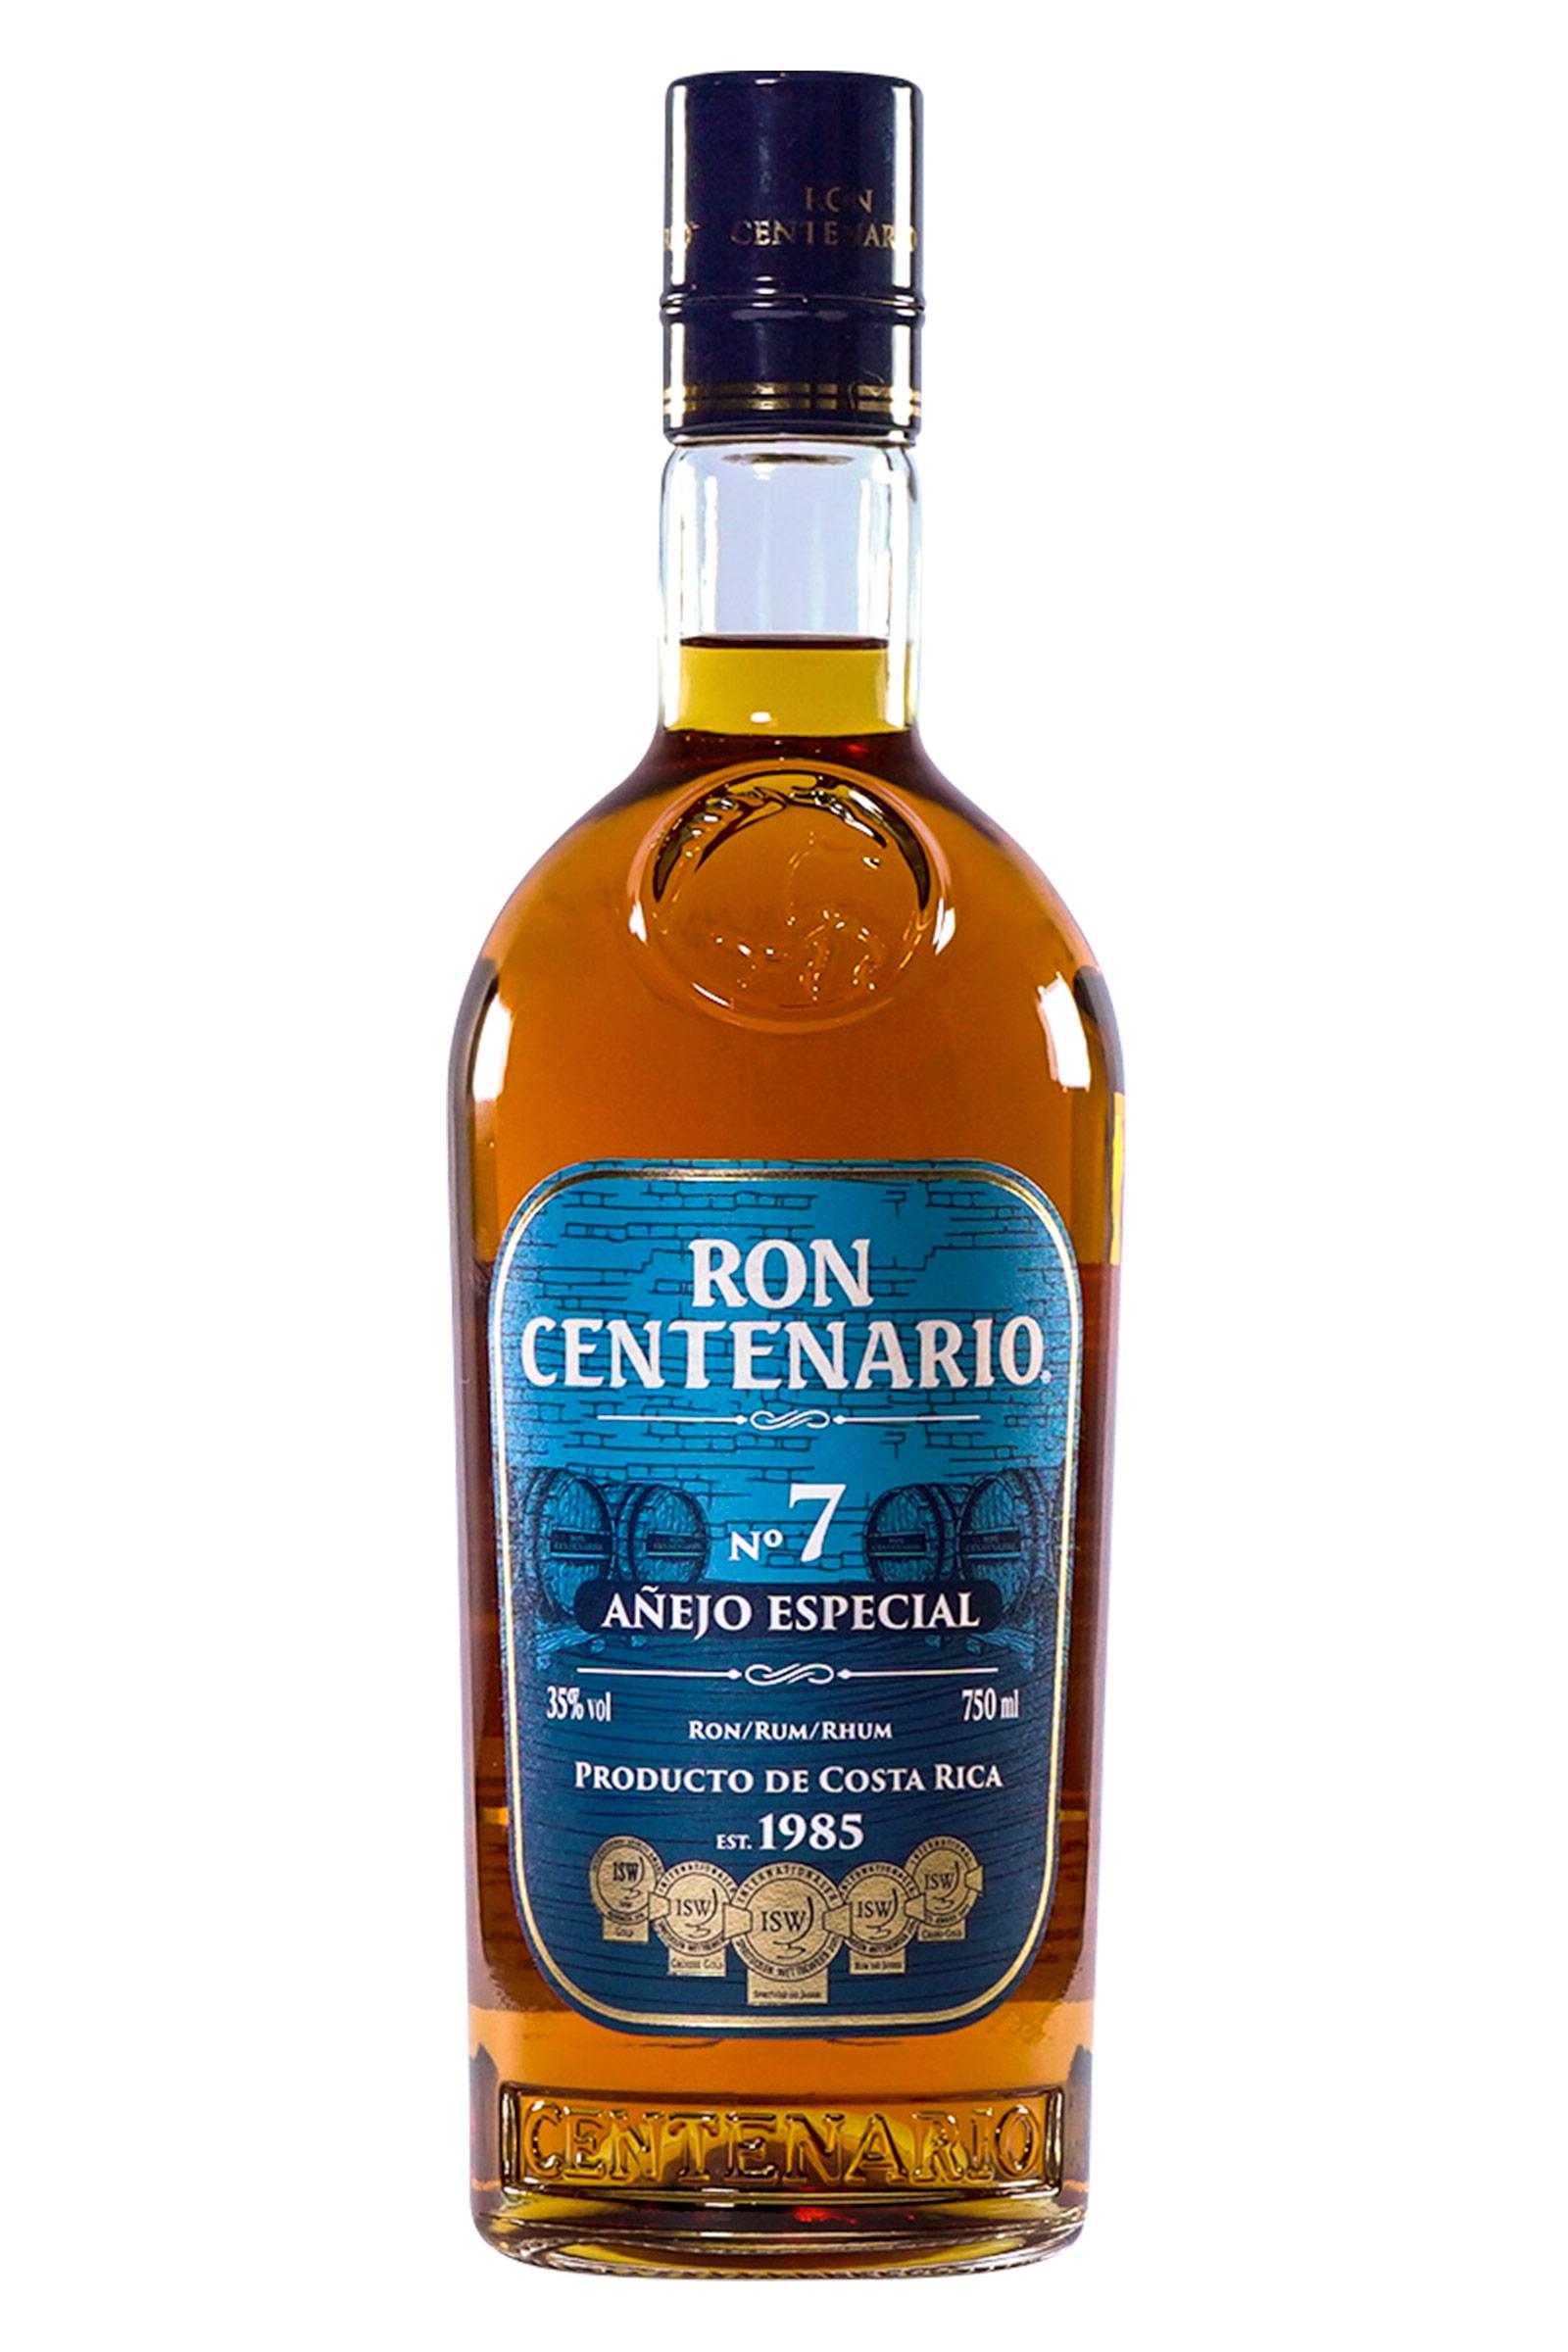 Ron Centenario 7 Años 750ml